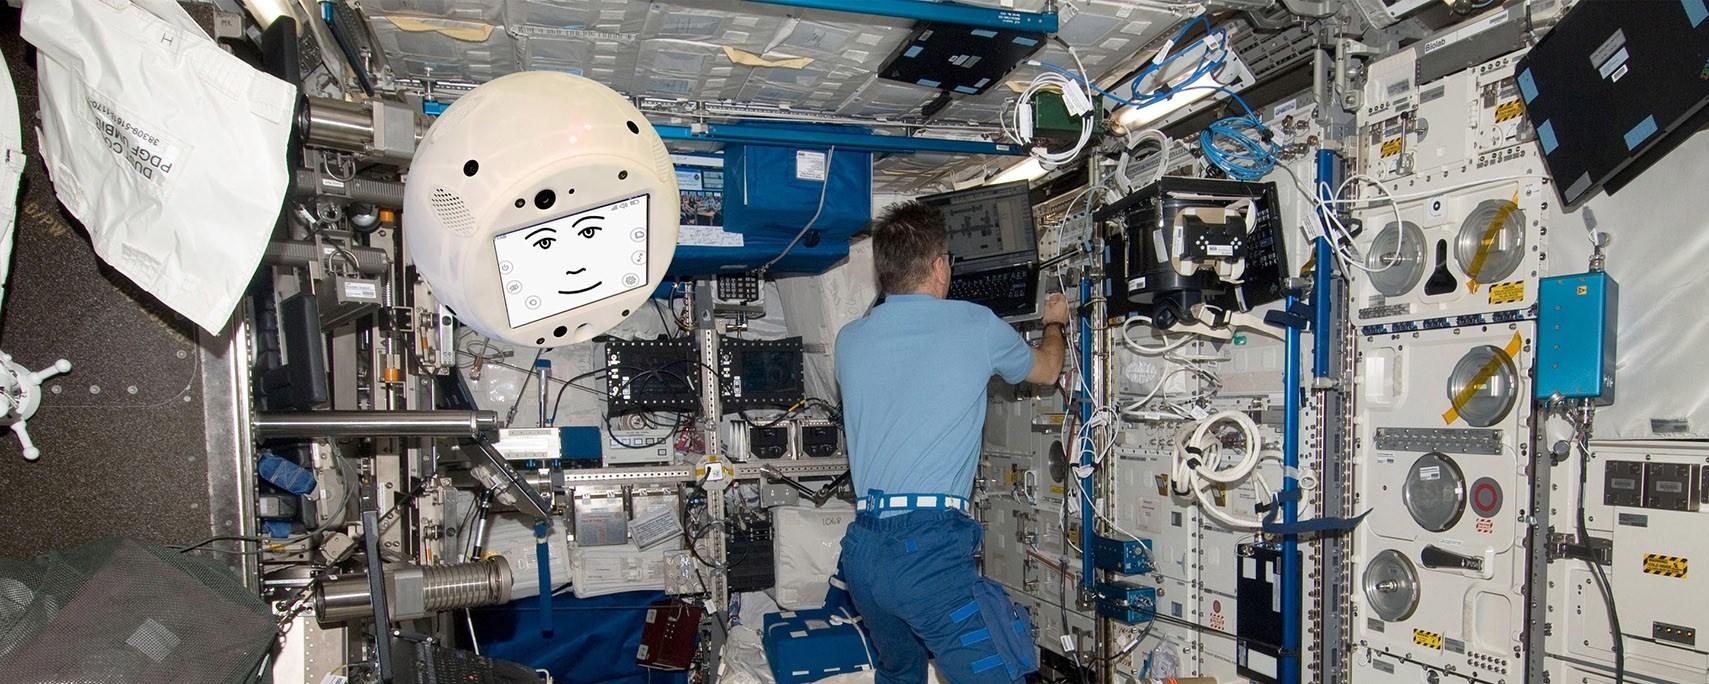 Imagem de: Cimon é o robô com IA que vai ajudar astronautas na Estação Espacial